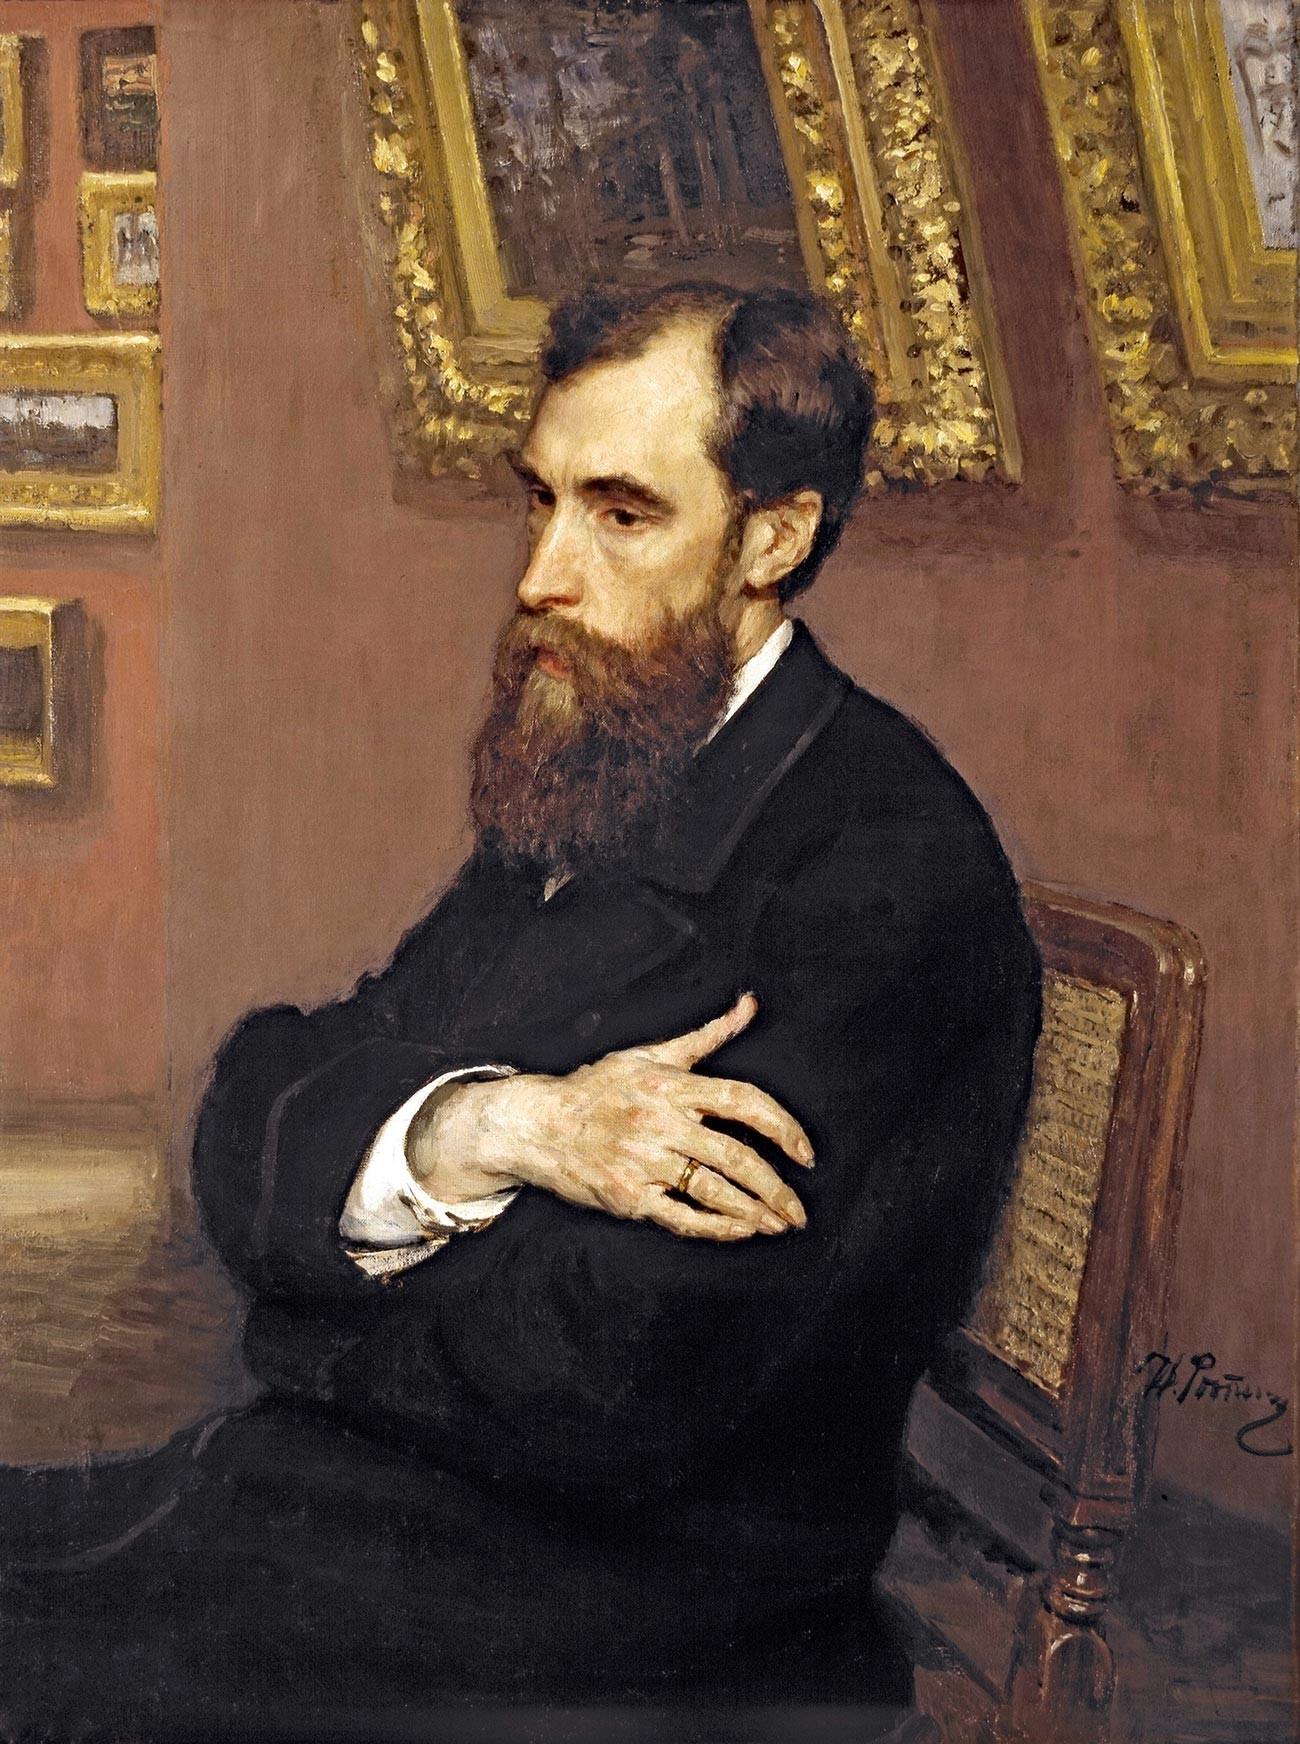 Pavel Tretiakov